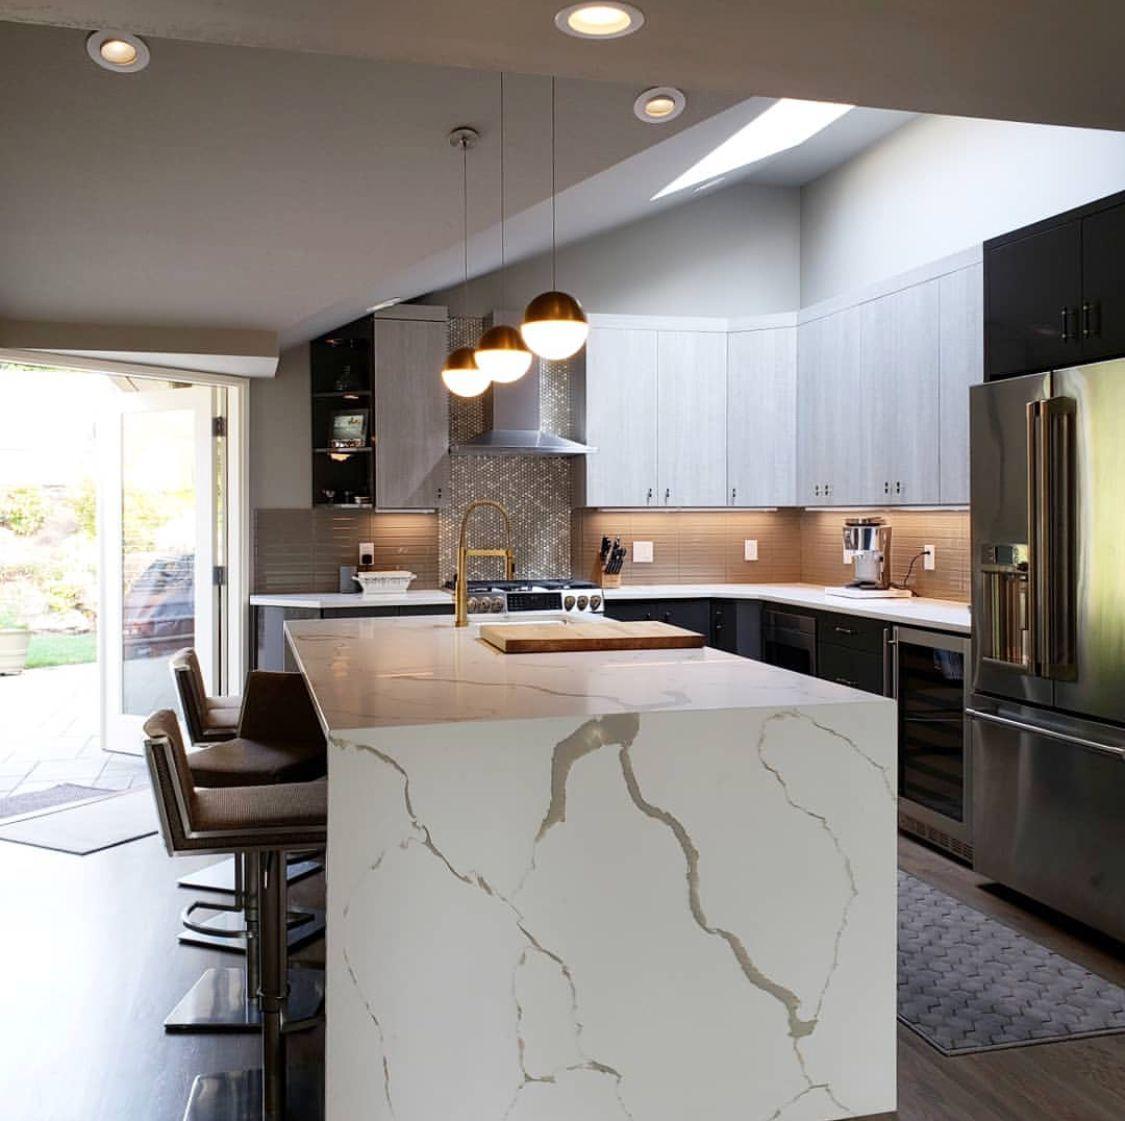 Latitude Cabinets Casa Textured Laminate Aspen Porta Grigio Gloss Order Kitchen Cabinets Pantry Cabinet Kitchen Cabinets